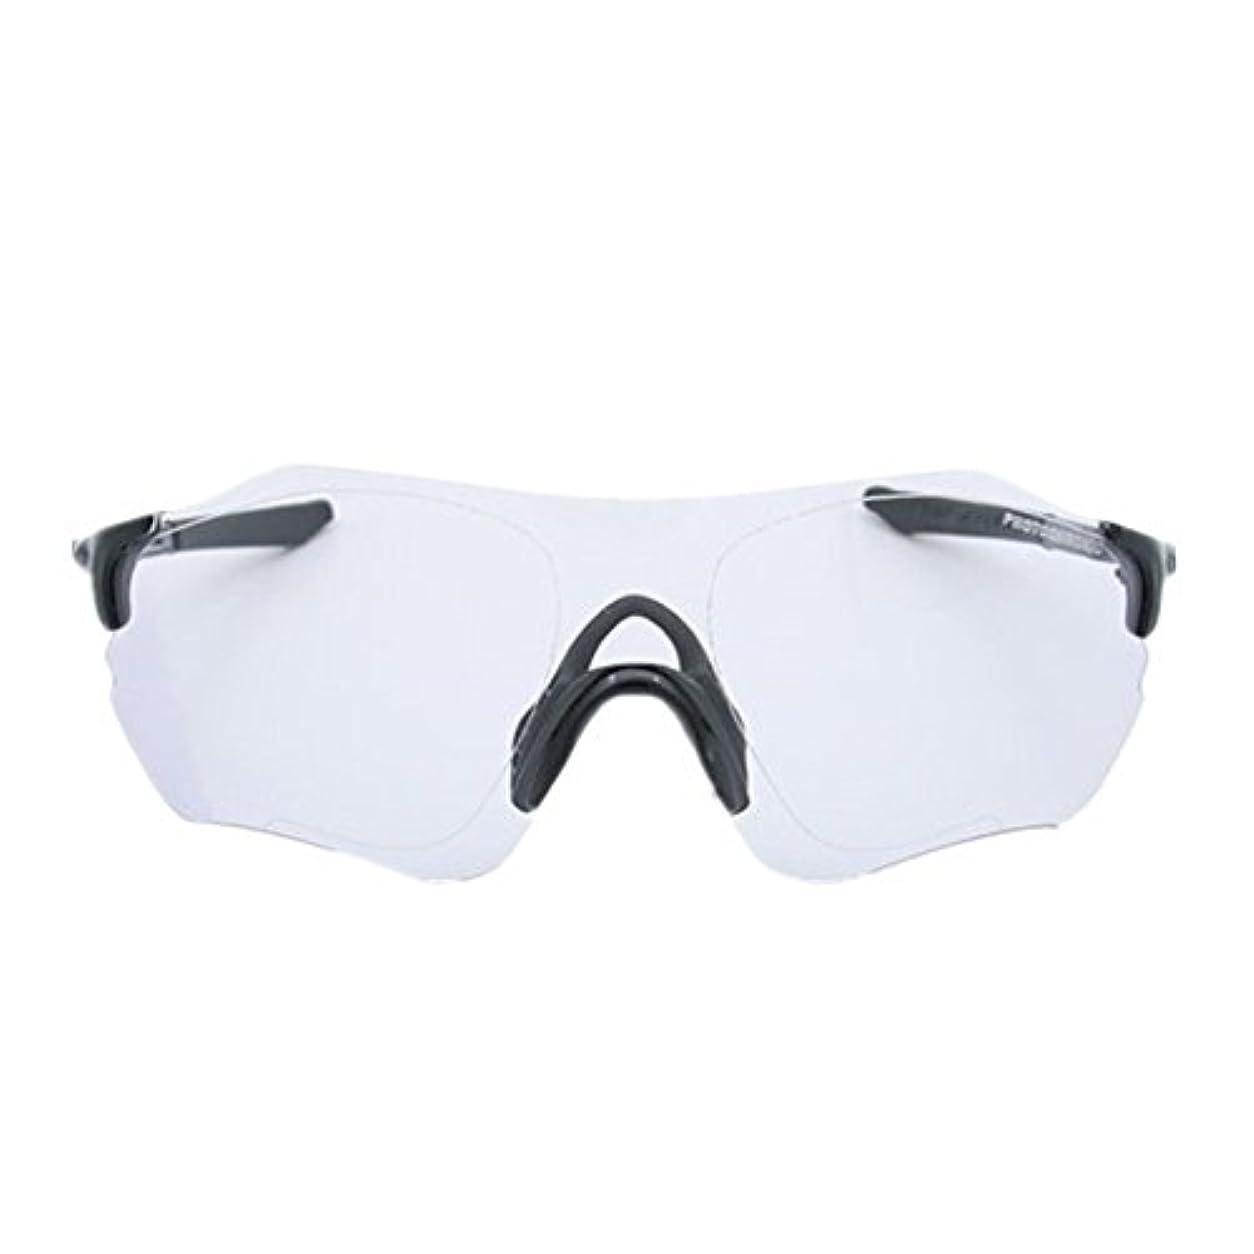 委員会買い手切り離すライディングメガネ 自転車の眼鏡 自転車の色を変えるメガネ屋外の屋外のメガネは屋外のサイクリング愛好家に適しています。 ライディングゴーグルメガネ